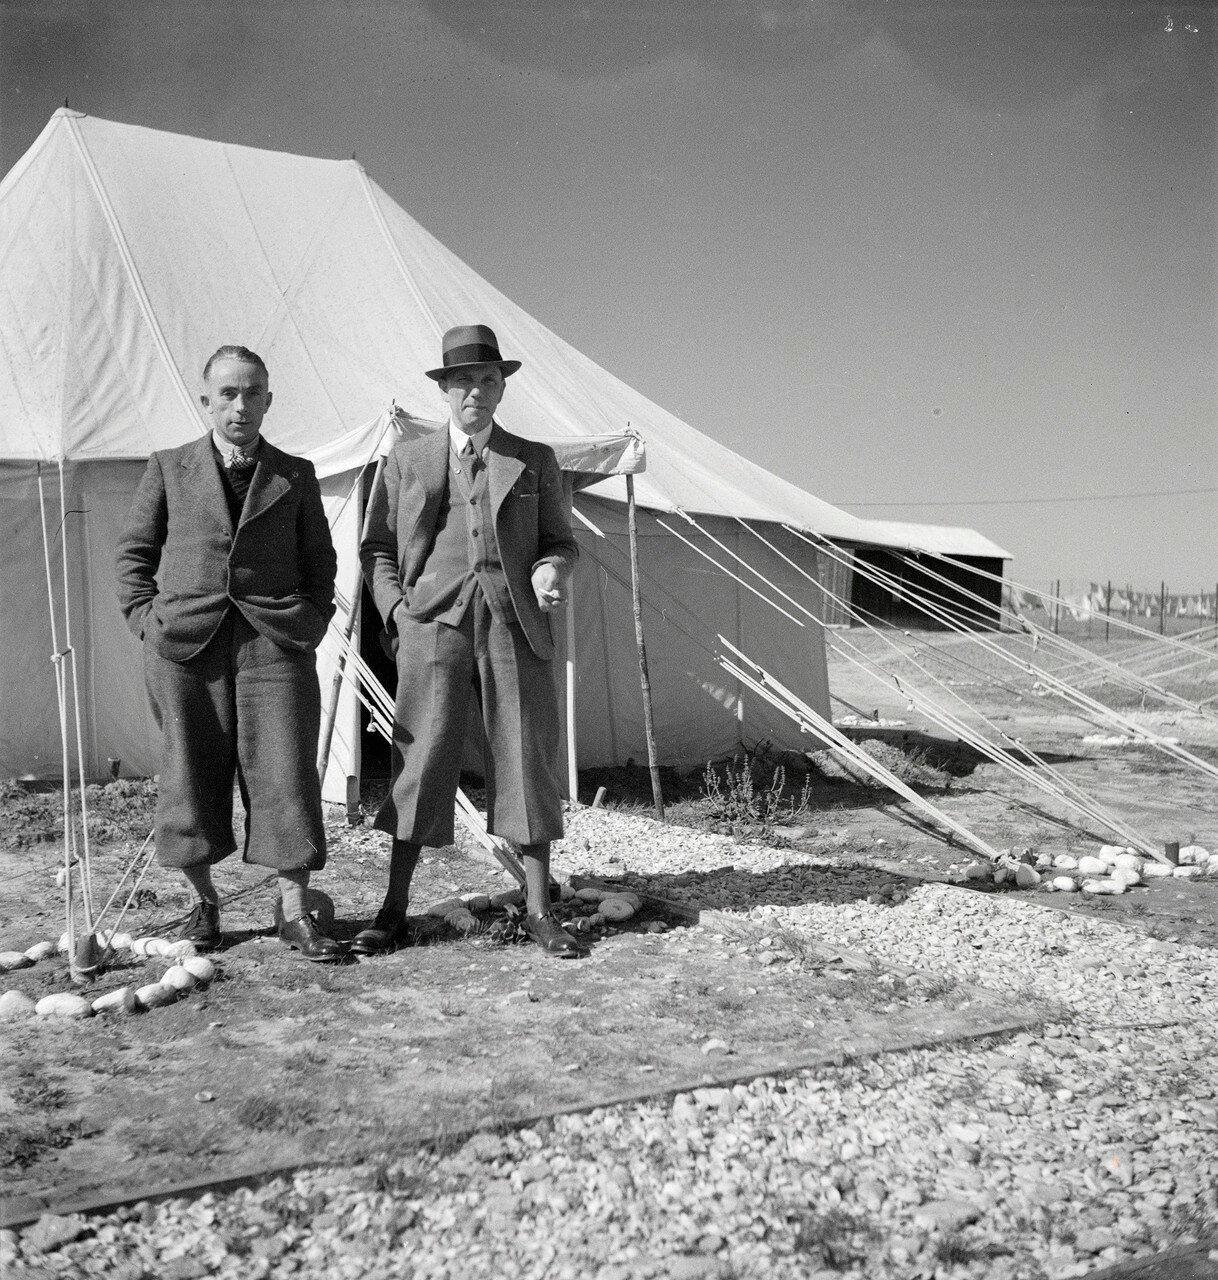 Экспедиция доктора Фогеля и Вальтера Миттельхольцера в Газе